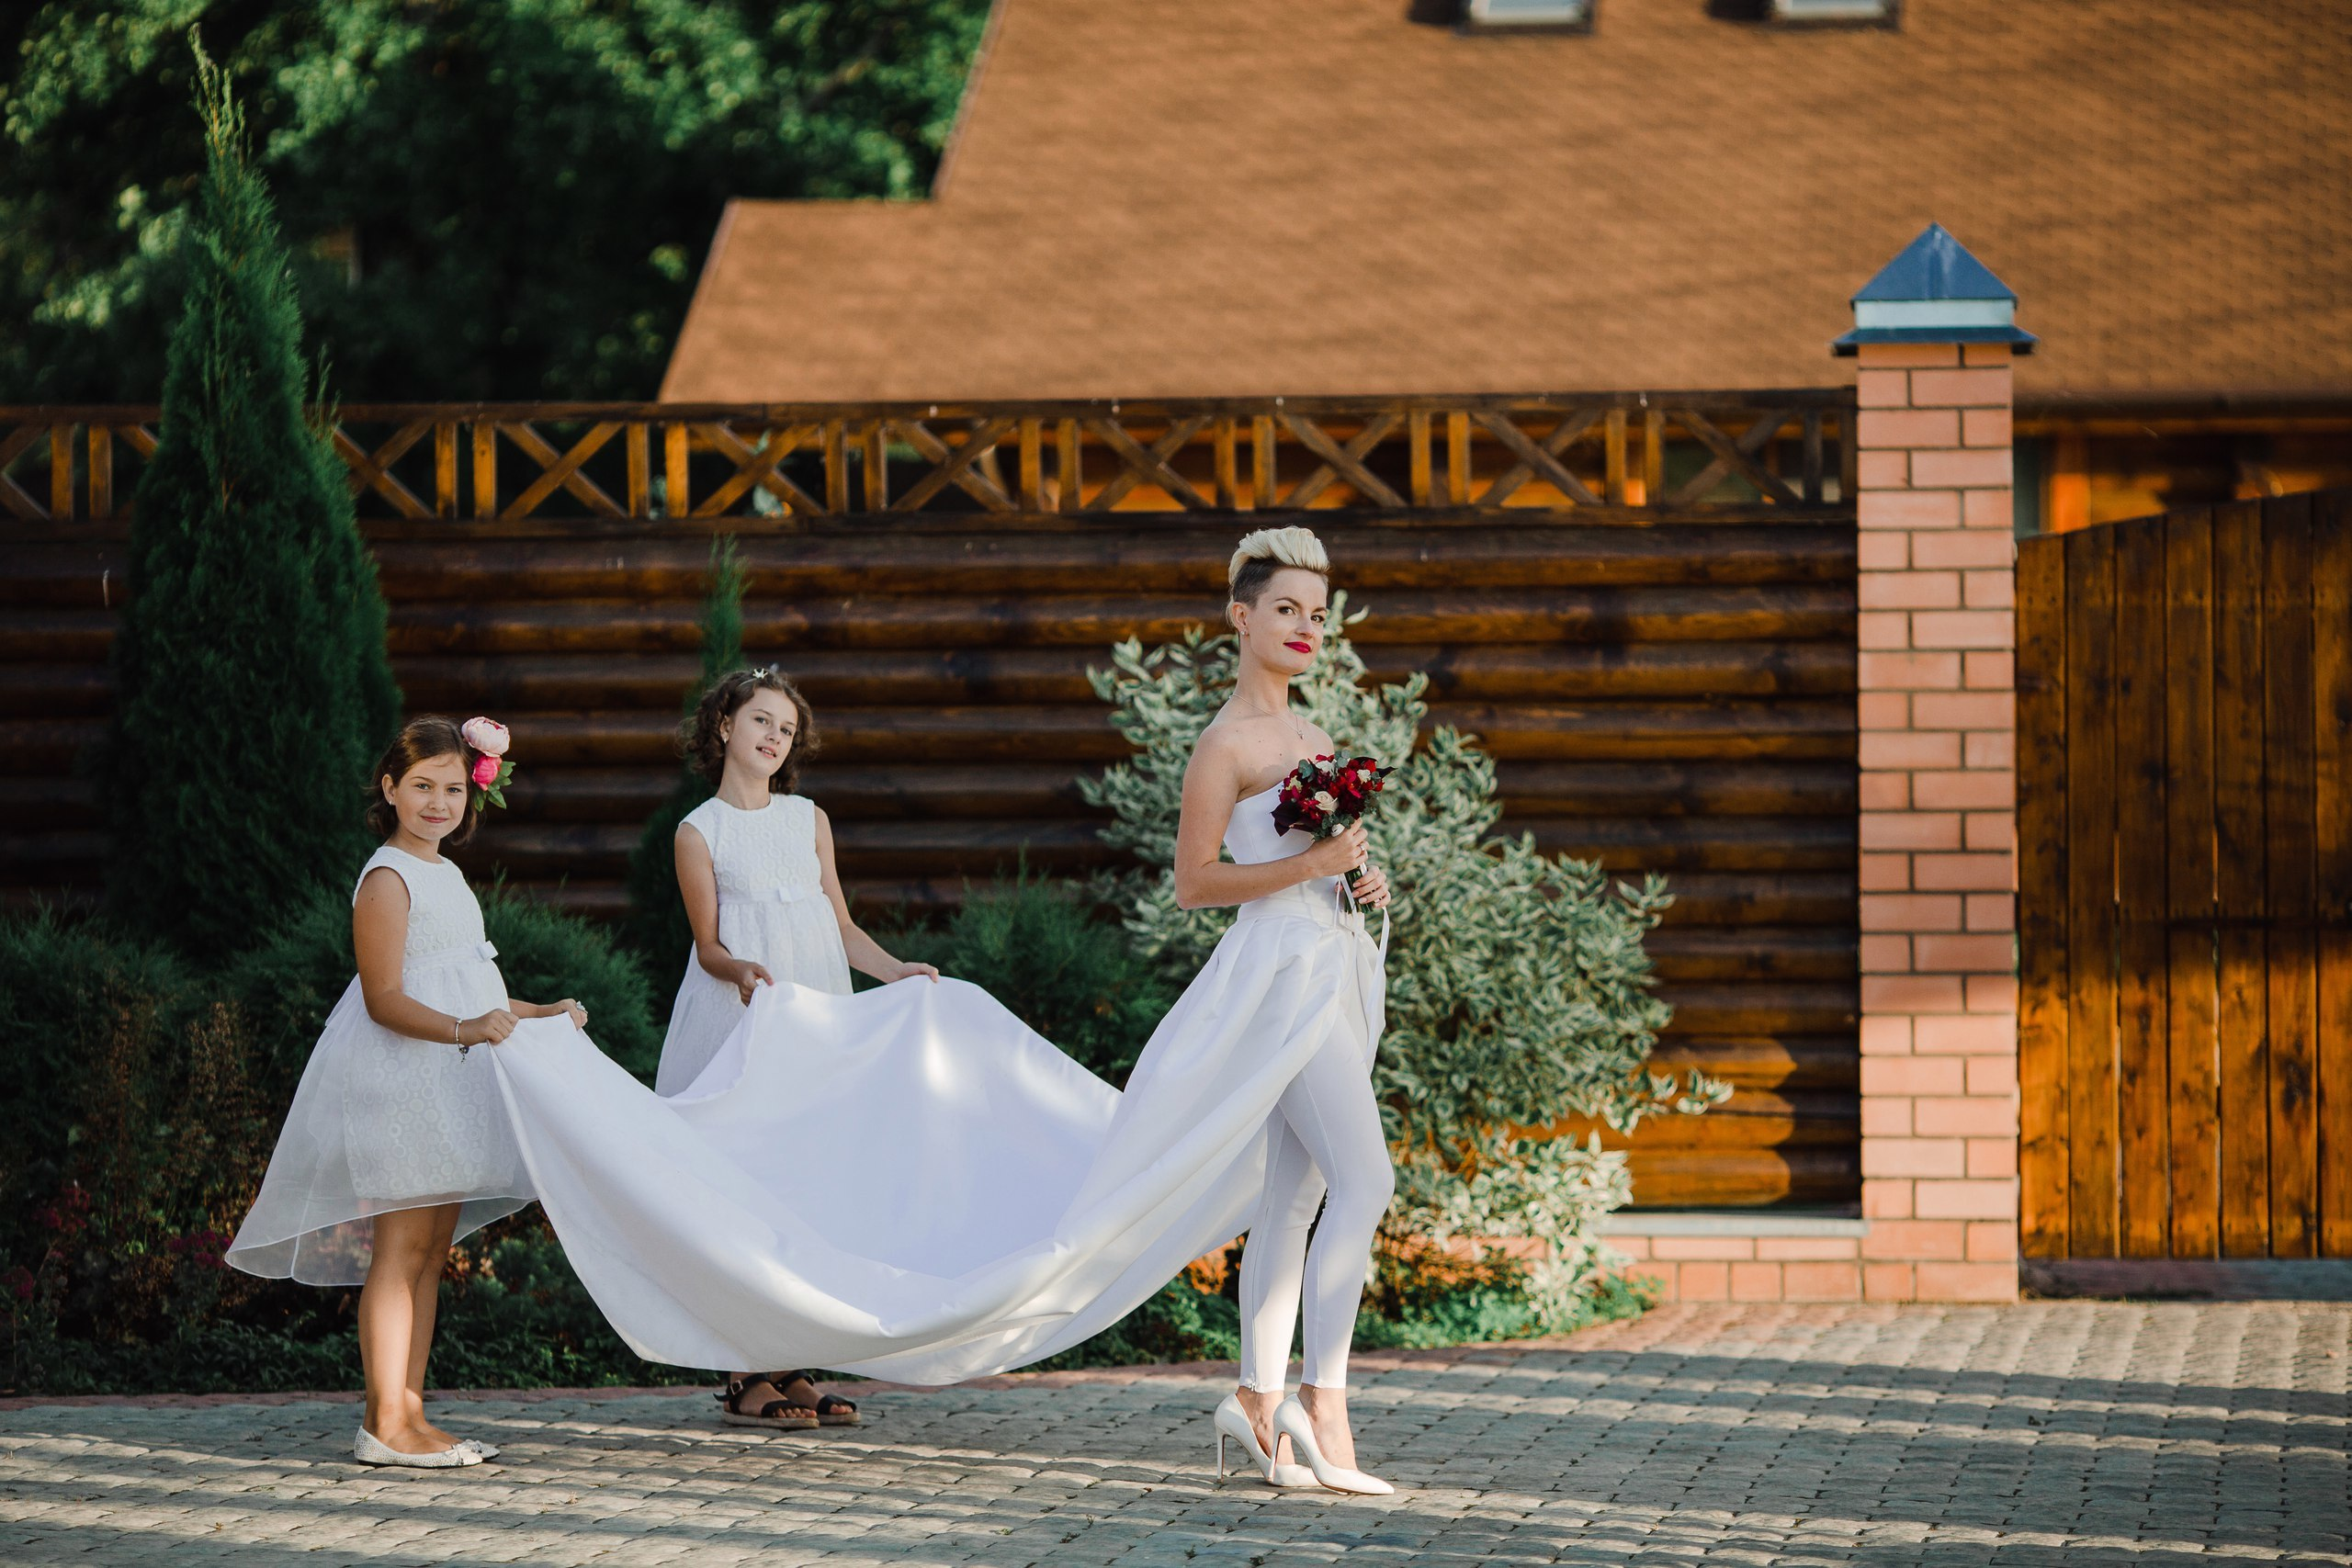 Фото для свадьбы кострома